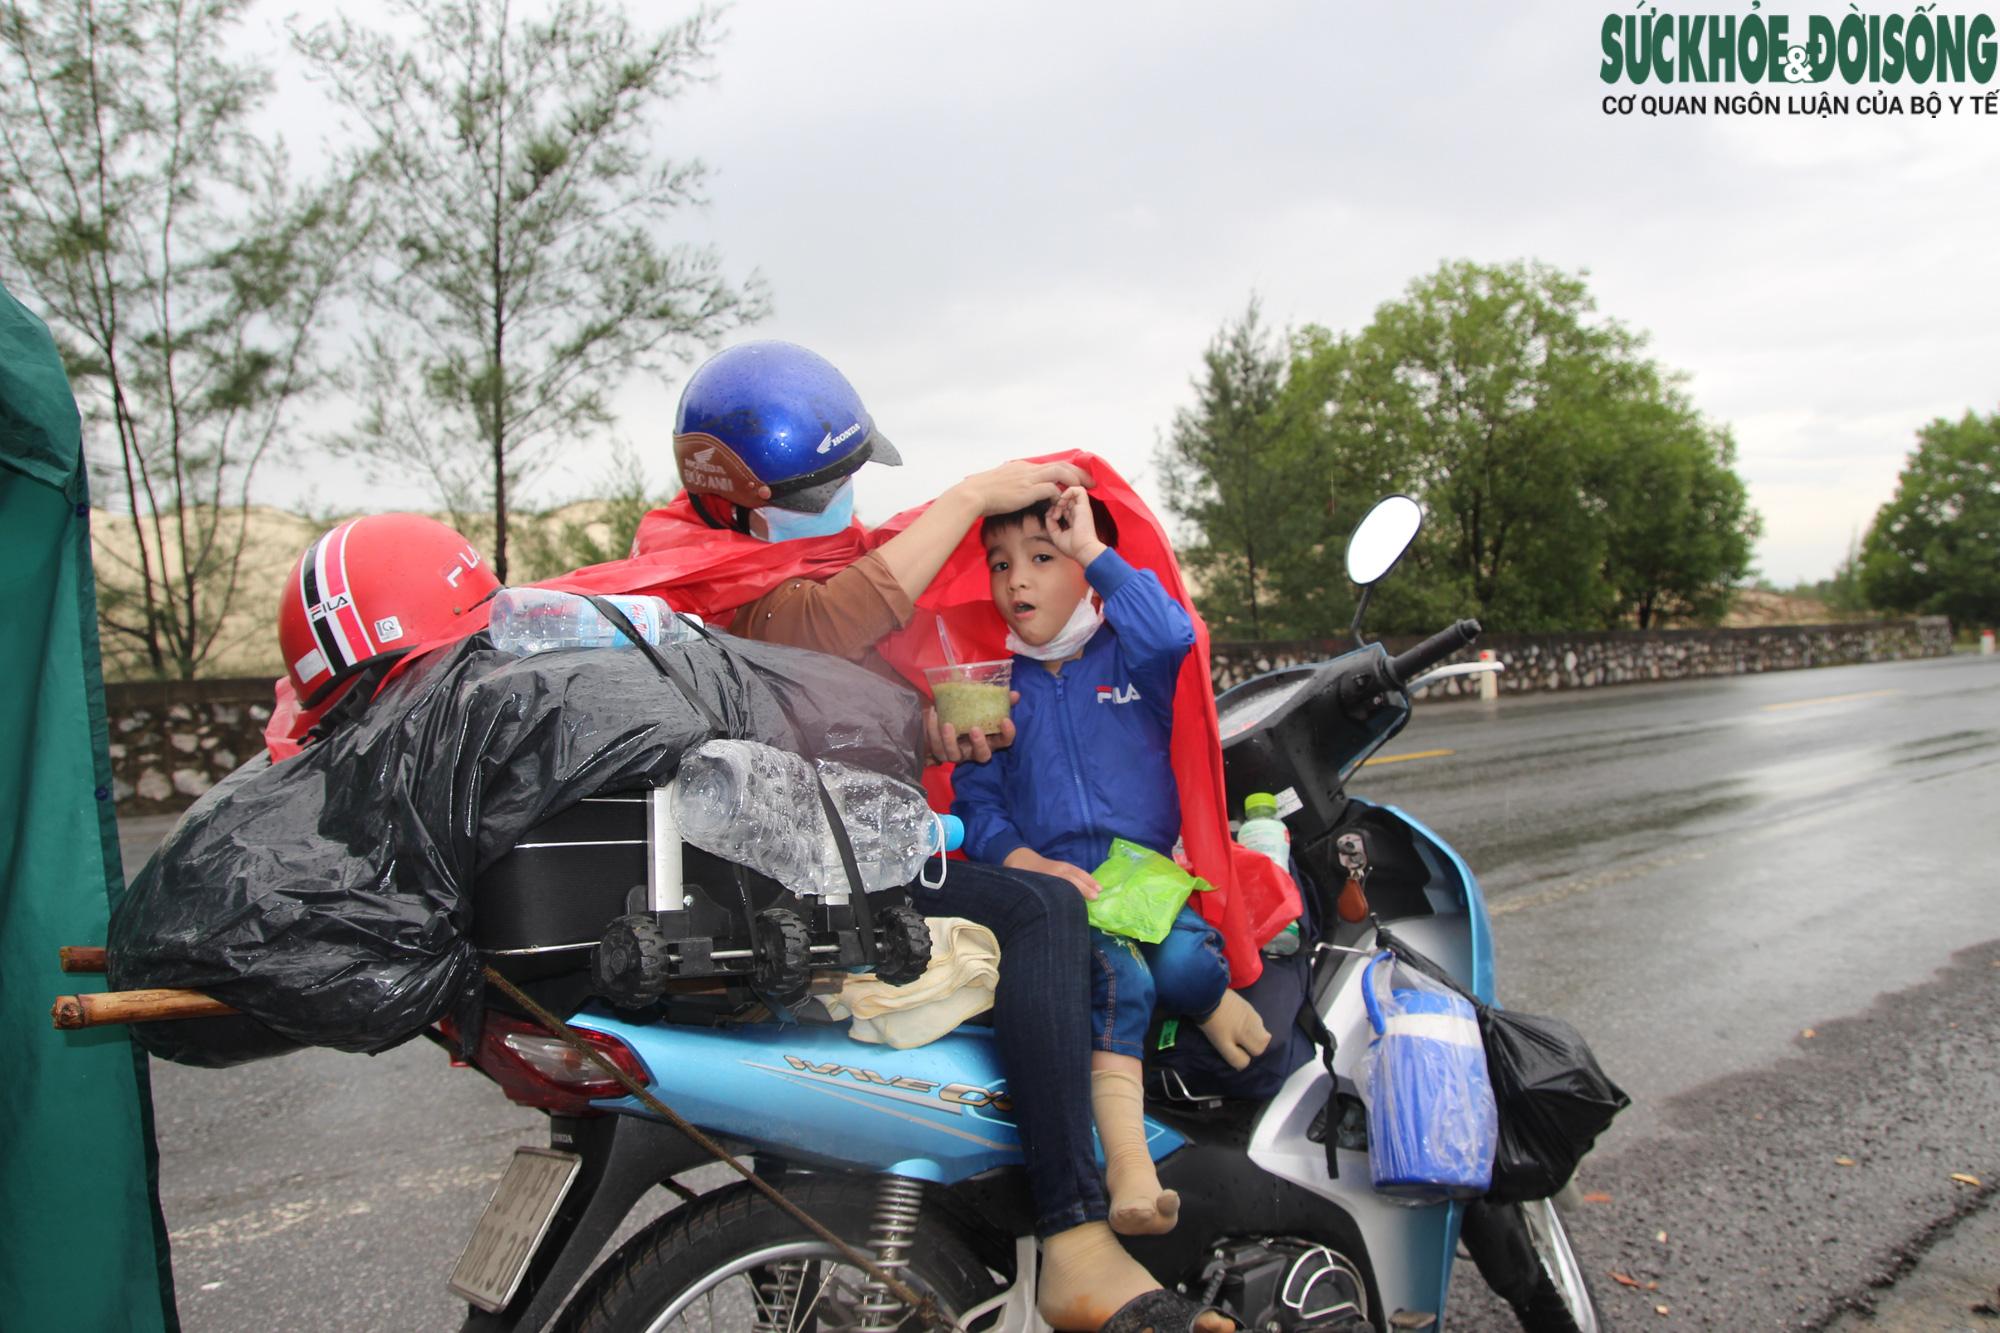 """Những đứa trẻ và hành trình thiên lý """"đội nắng, dầm mưa"""" cùng người thân hồi hương - Ảnh 5."""